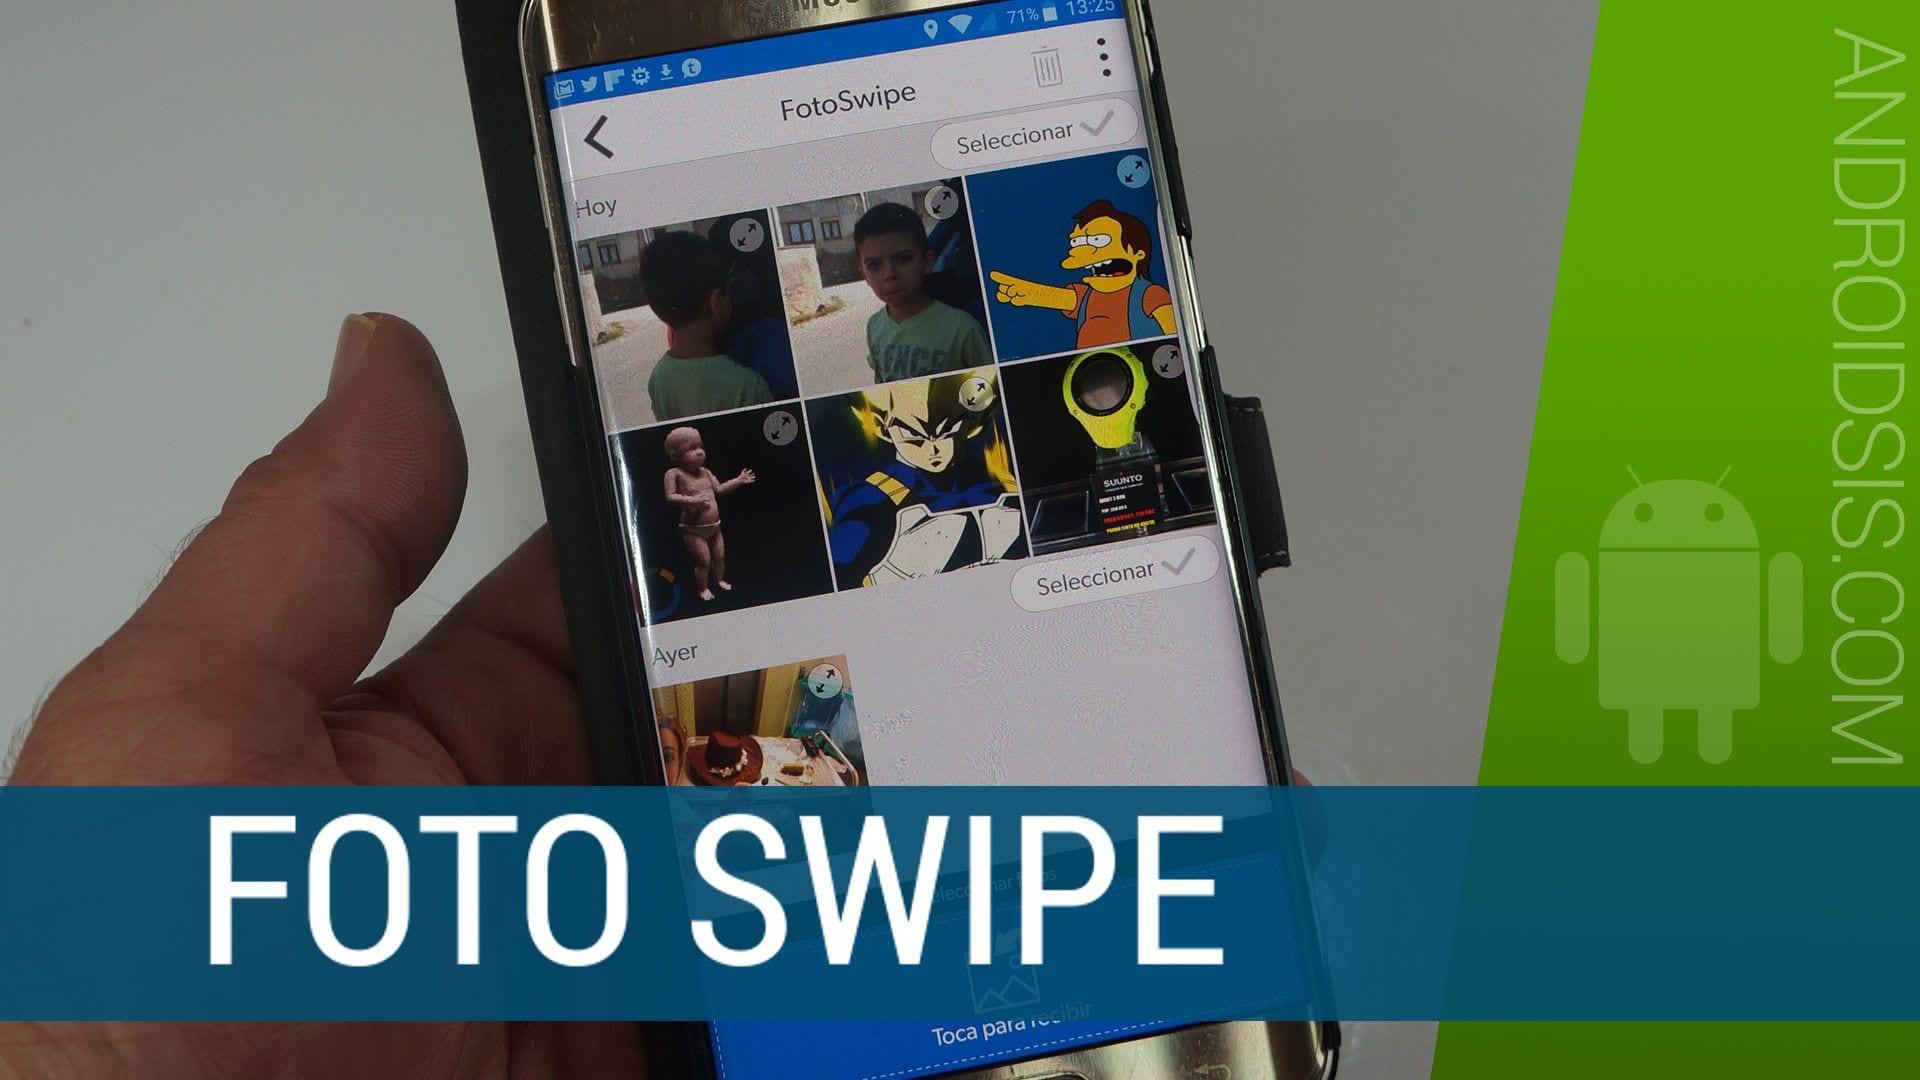 Pasar fotos entre dispositivos a lo Minority Report